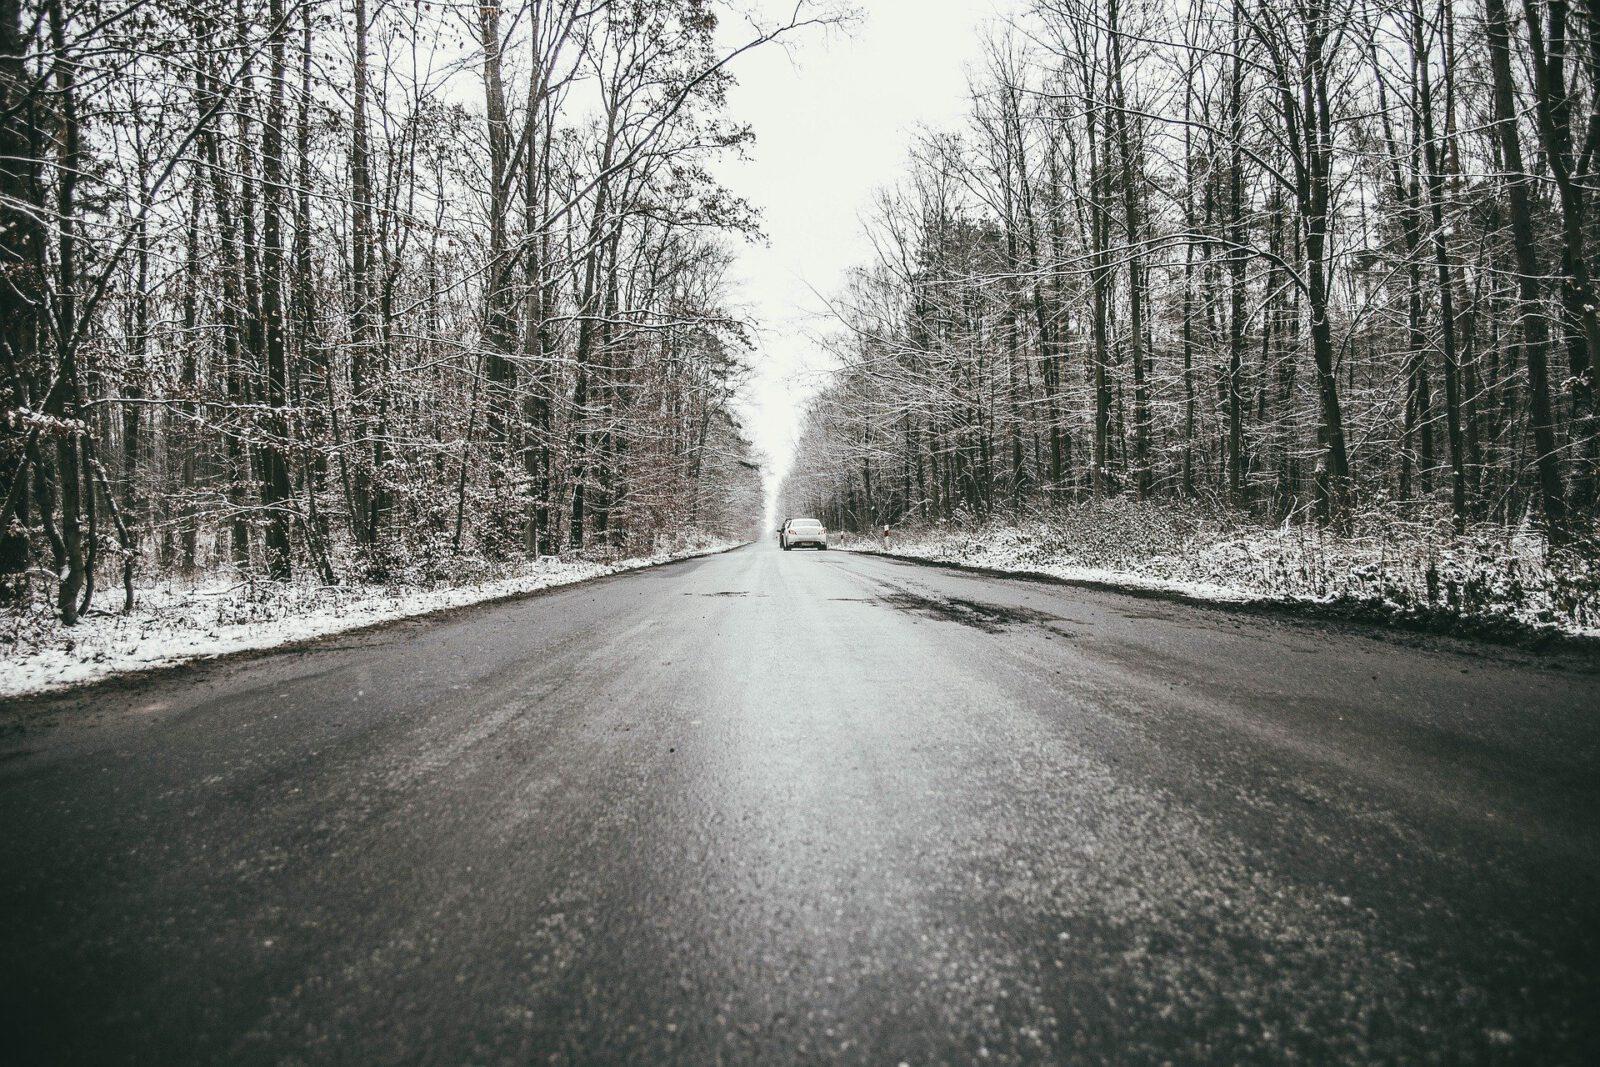 Zimowa droga przez las, pokryta lodem